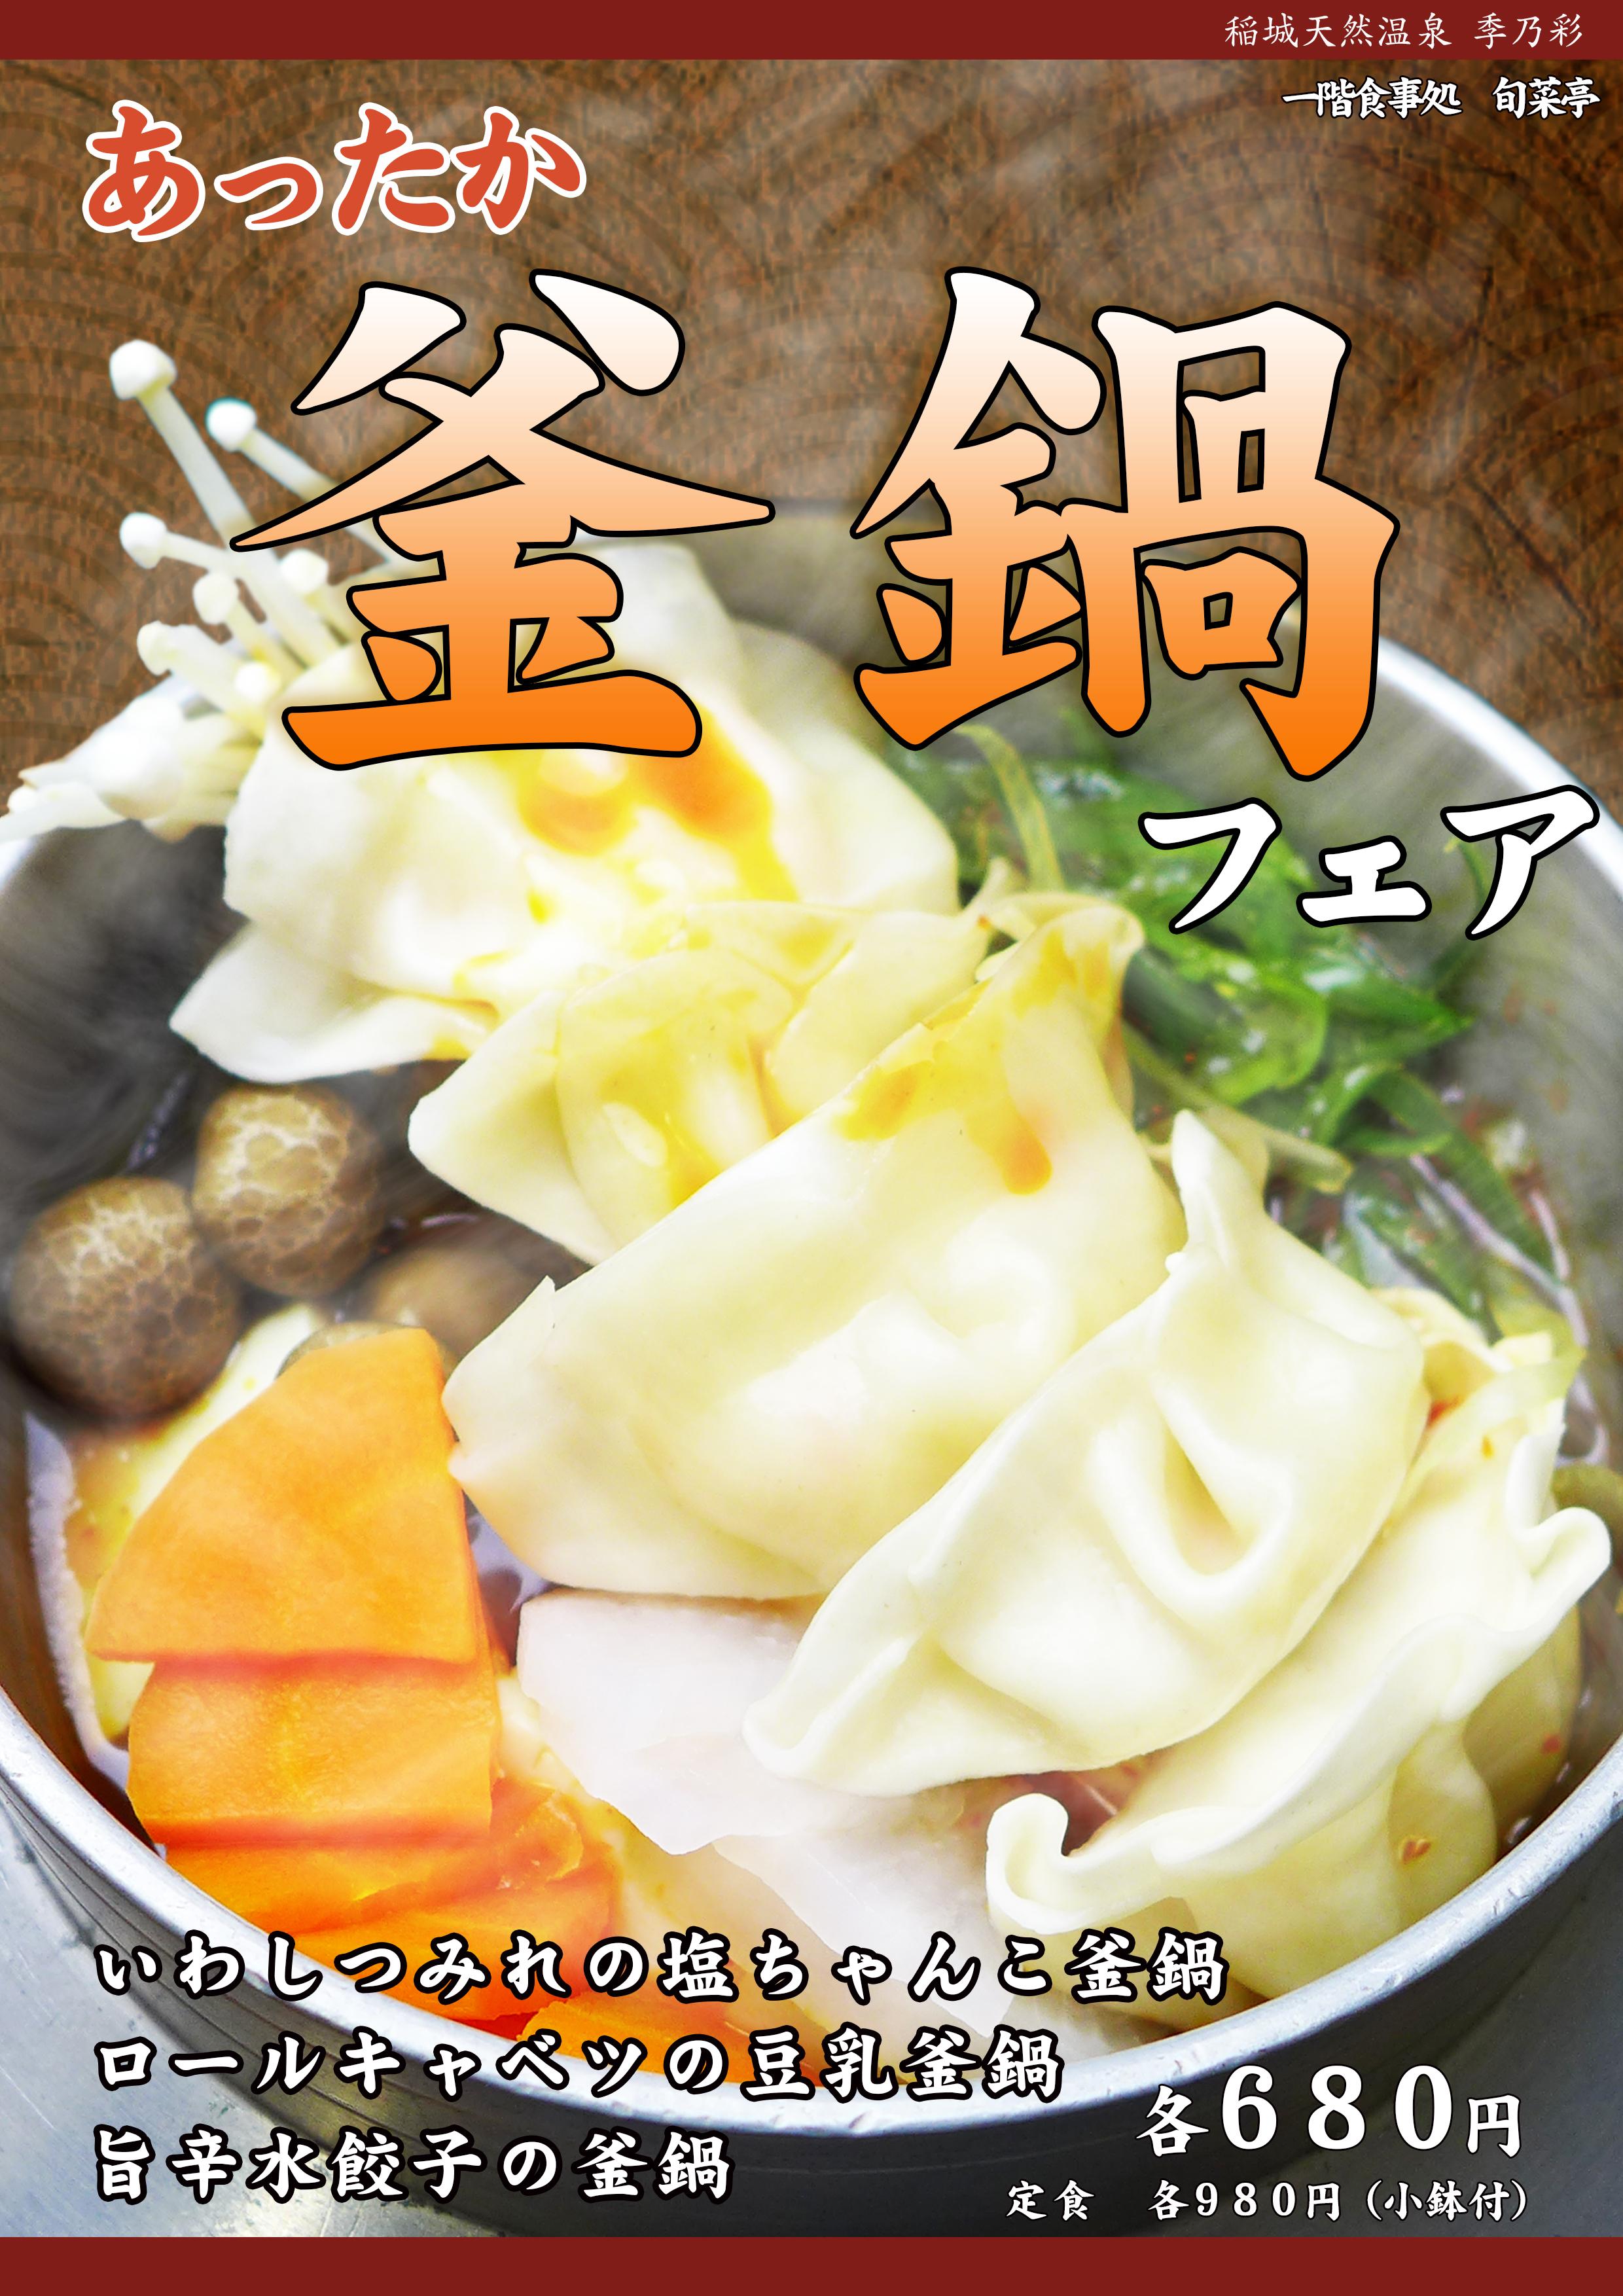 20171219 POP 旬菜亭フェア 鍋フェア